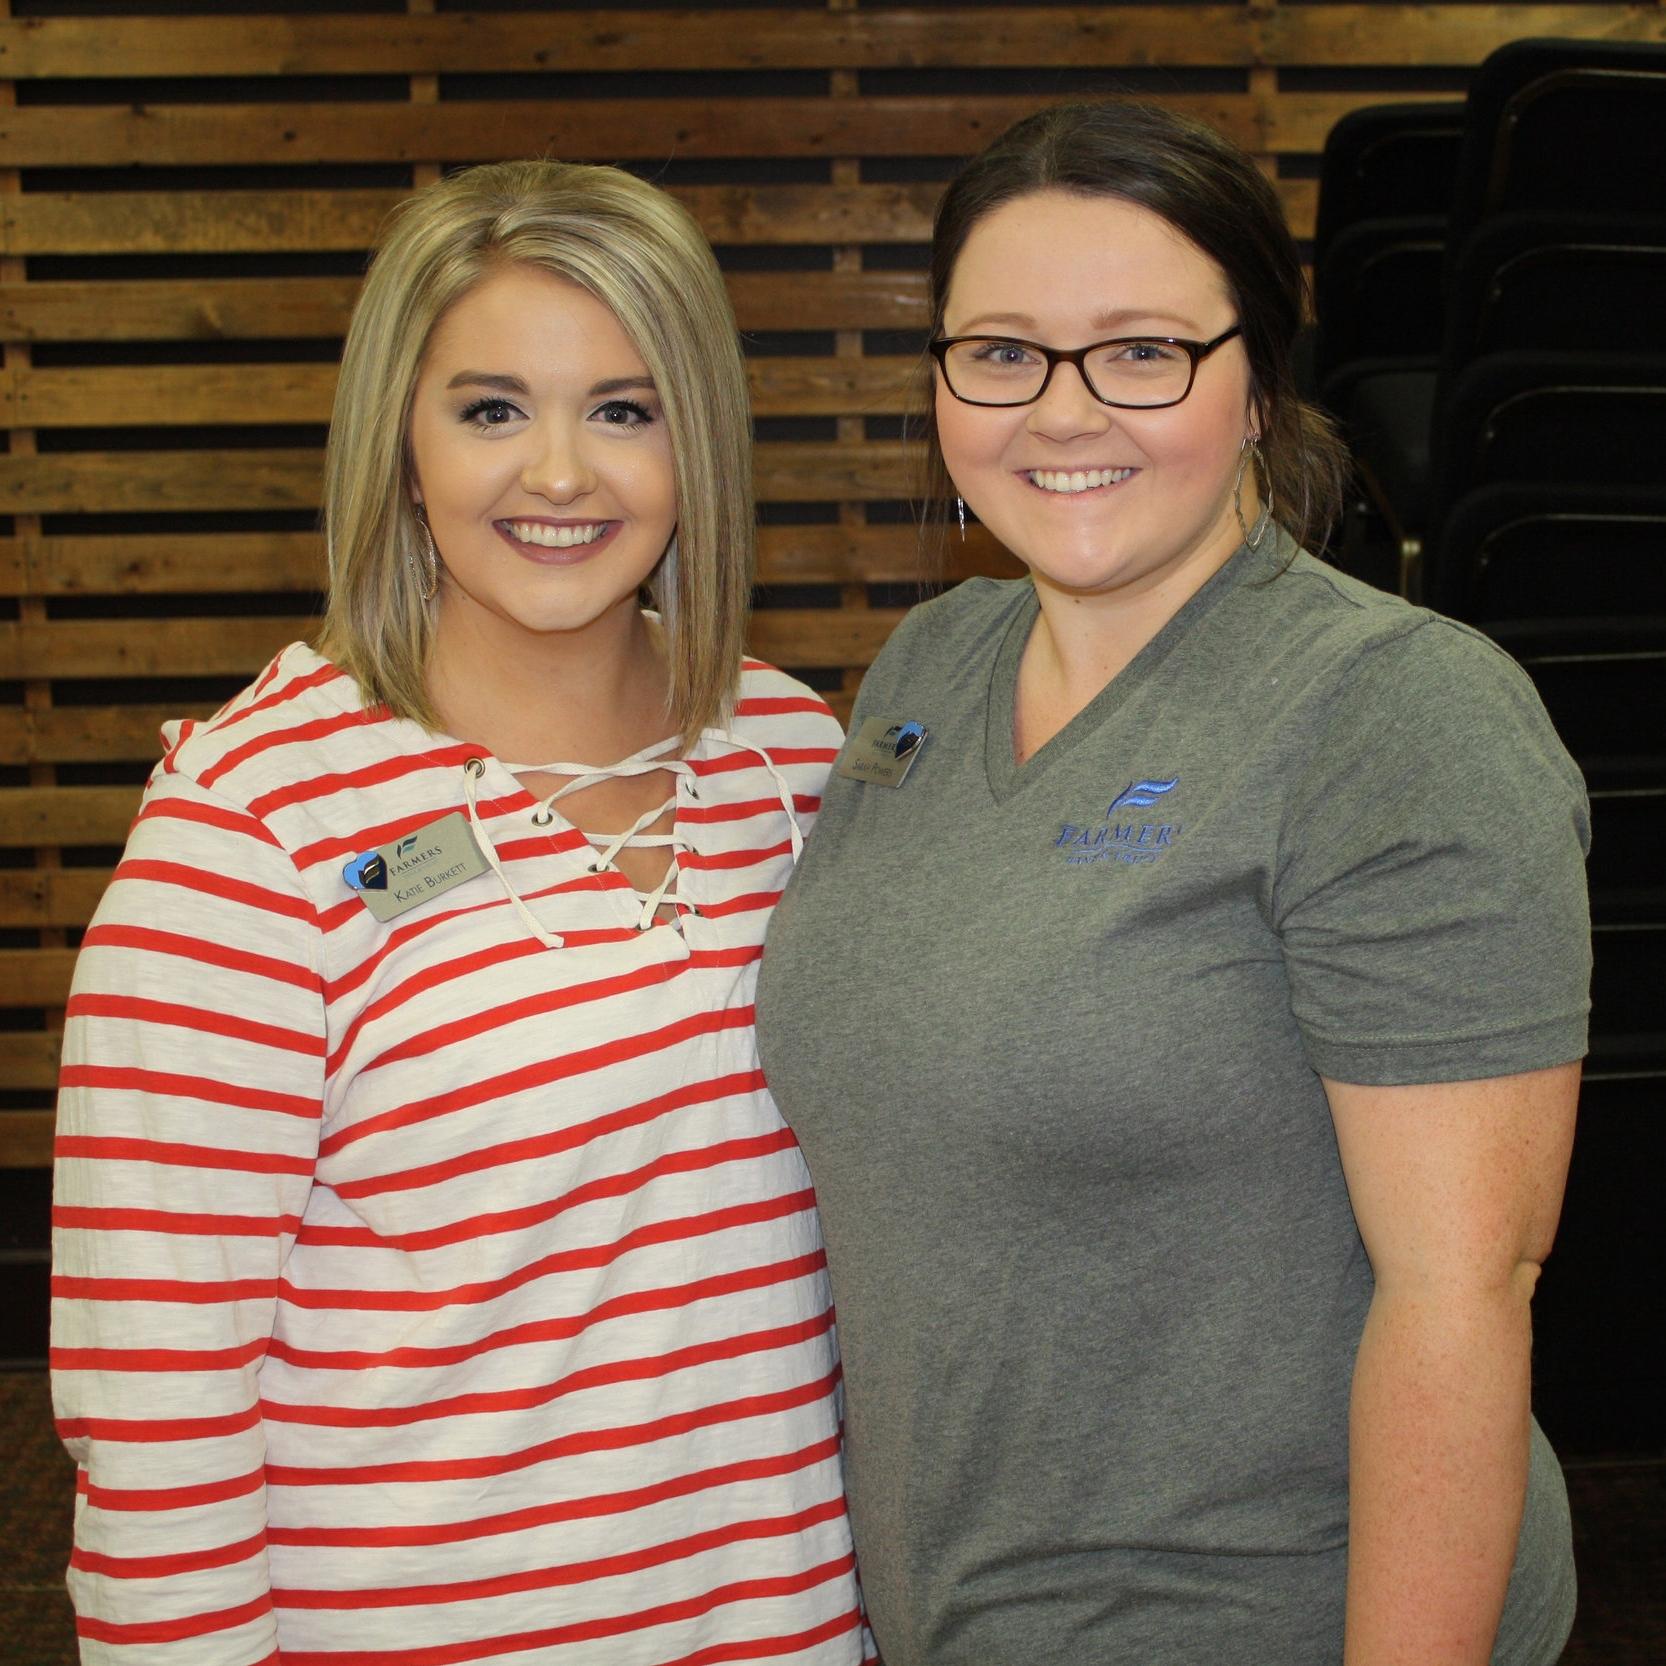 Katie Burkett and Sarah Powers